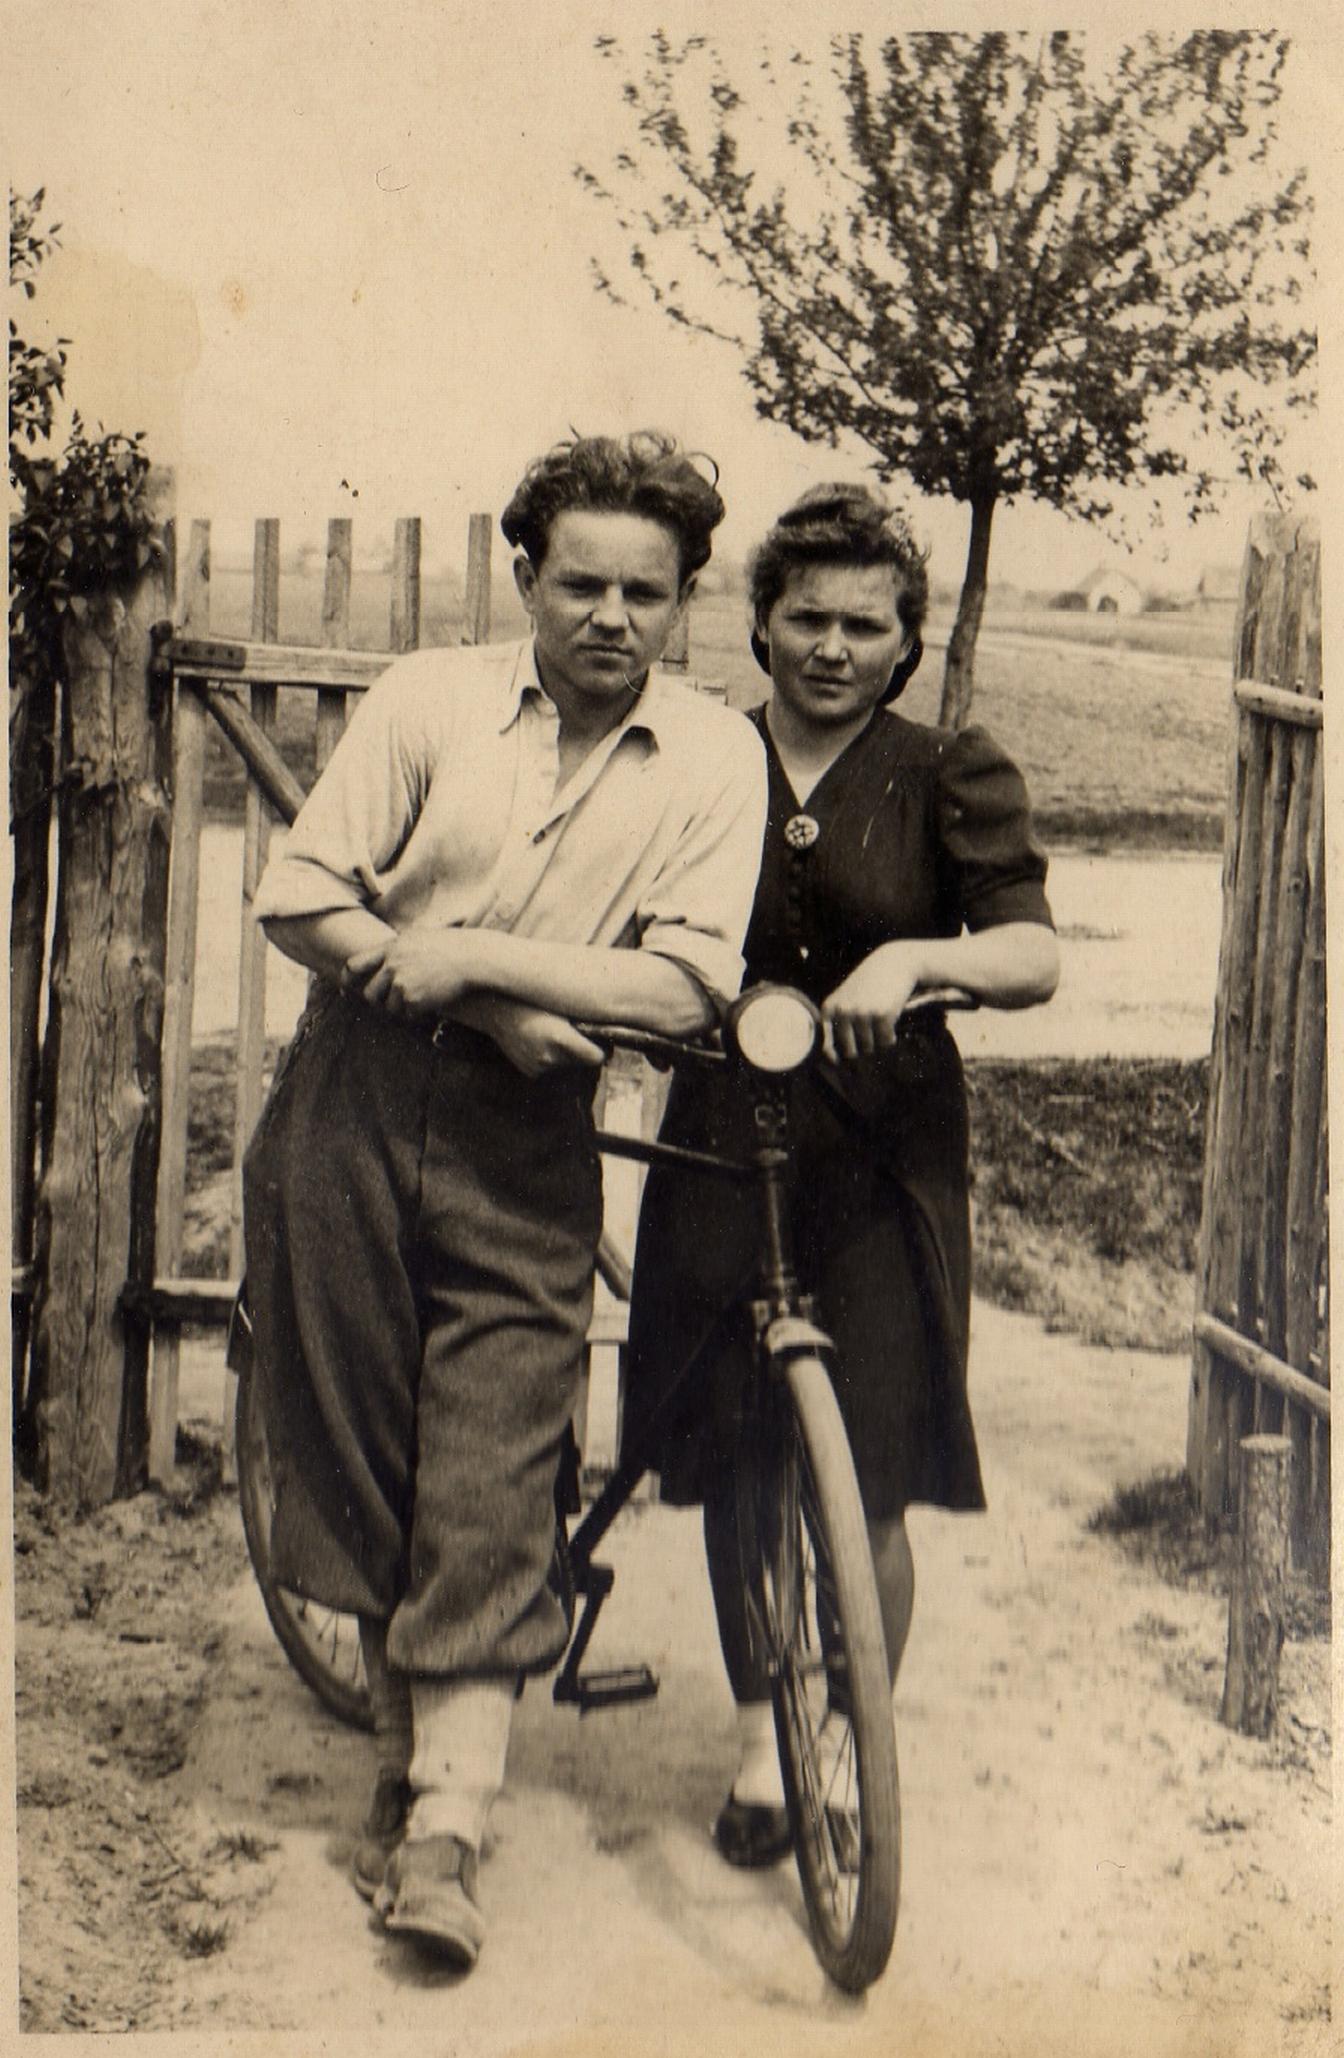 Józef Laskowski z siostrą Zofią w okolicy miejsca zamieszkania w Kiełpinie. Zdjęcie z lat okupacji roku 1942 lub 1943.